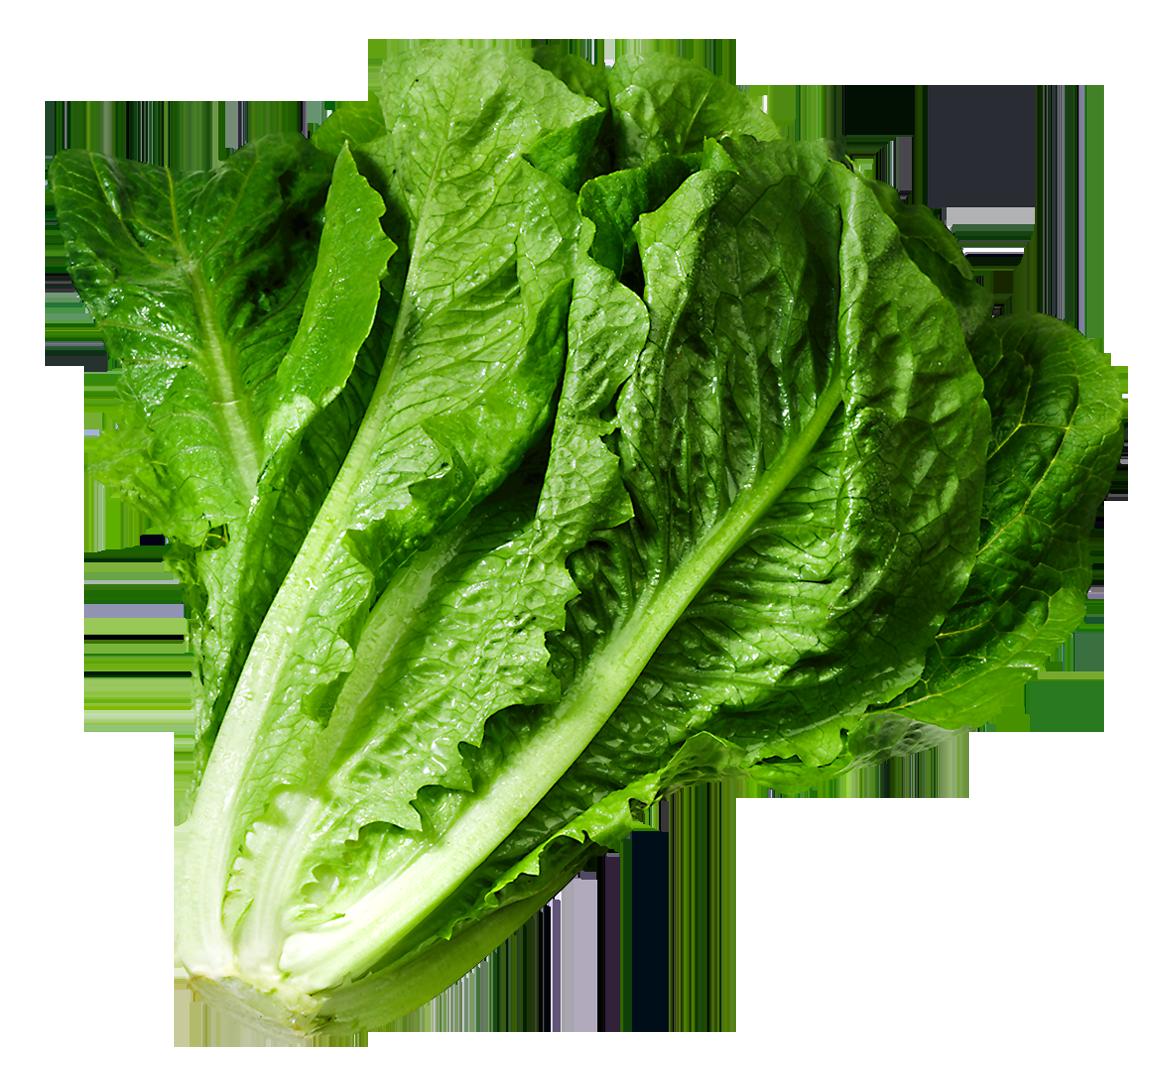 Lettuce picture clipart